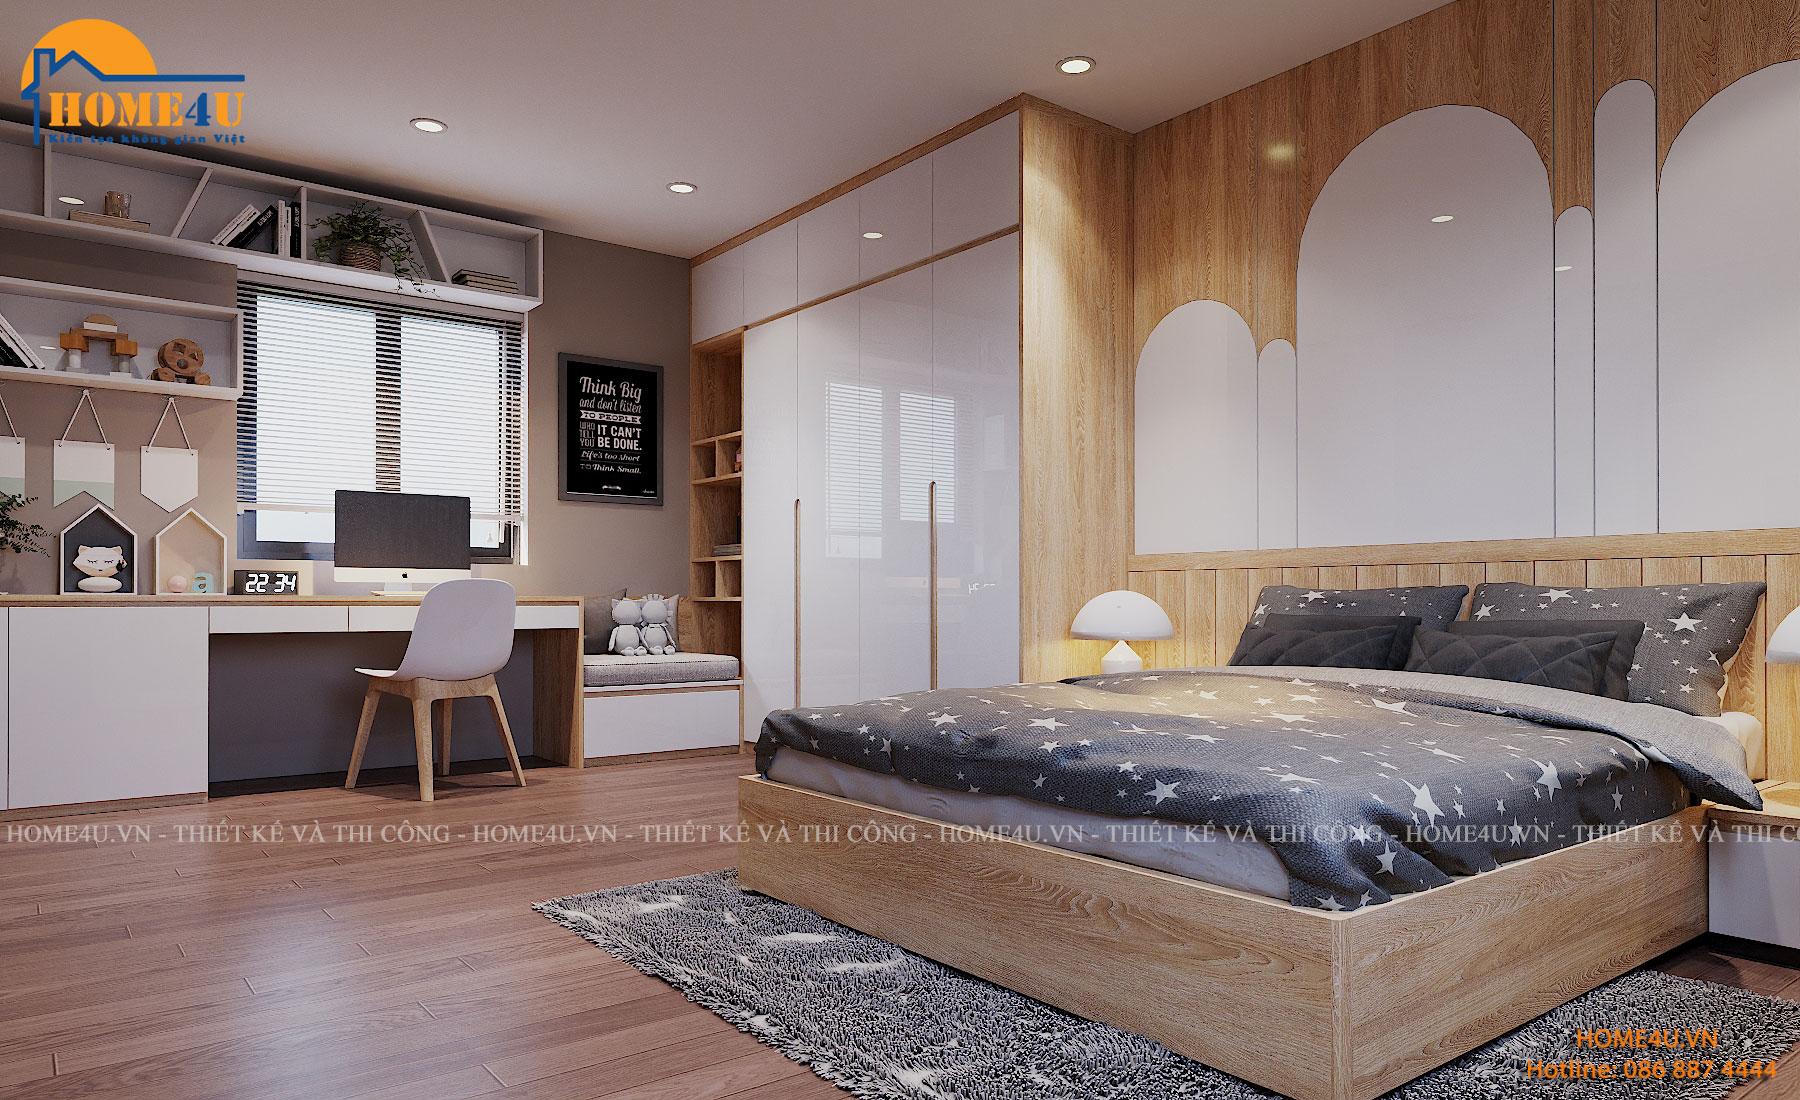 Mẫu thiết kế nội thất biệt thự Vinhomes Ocean Park hiện đại - NTBT2016